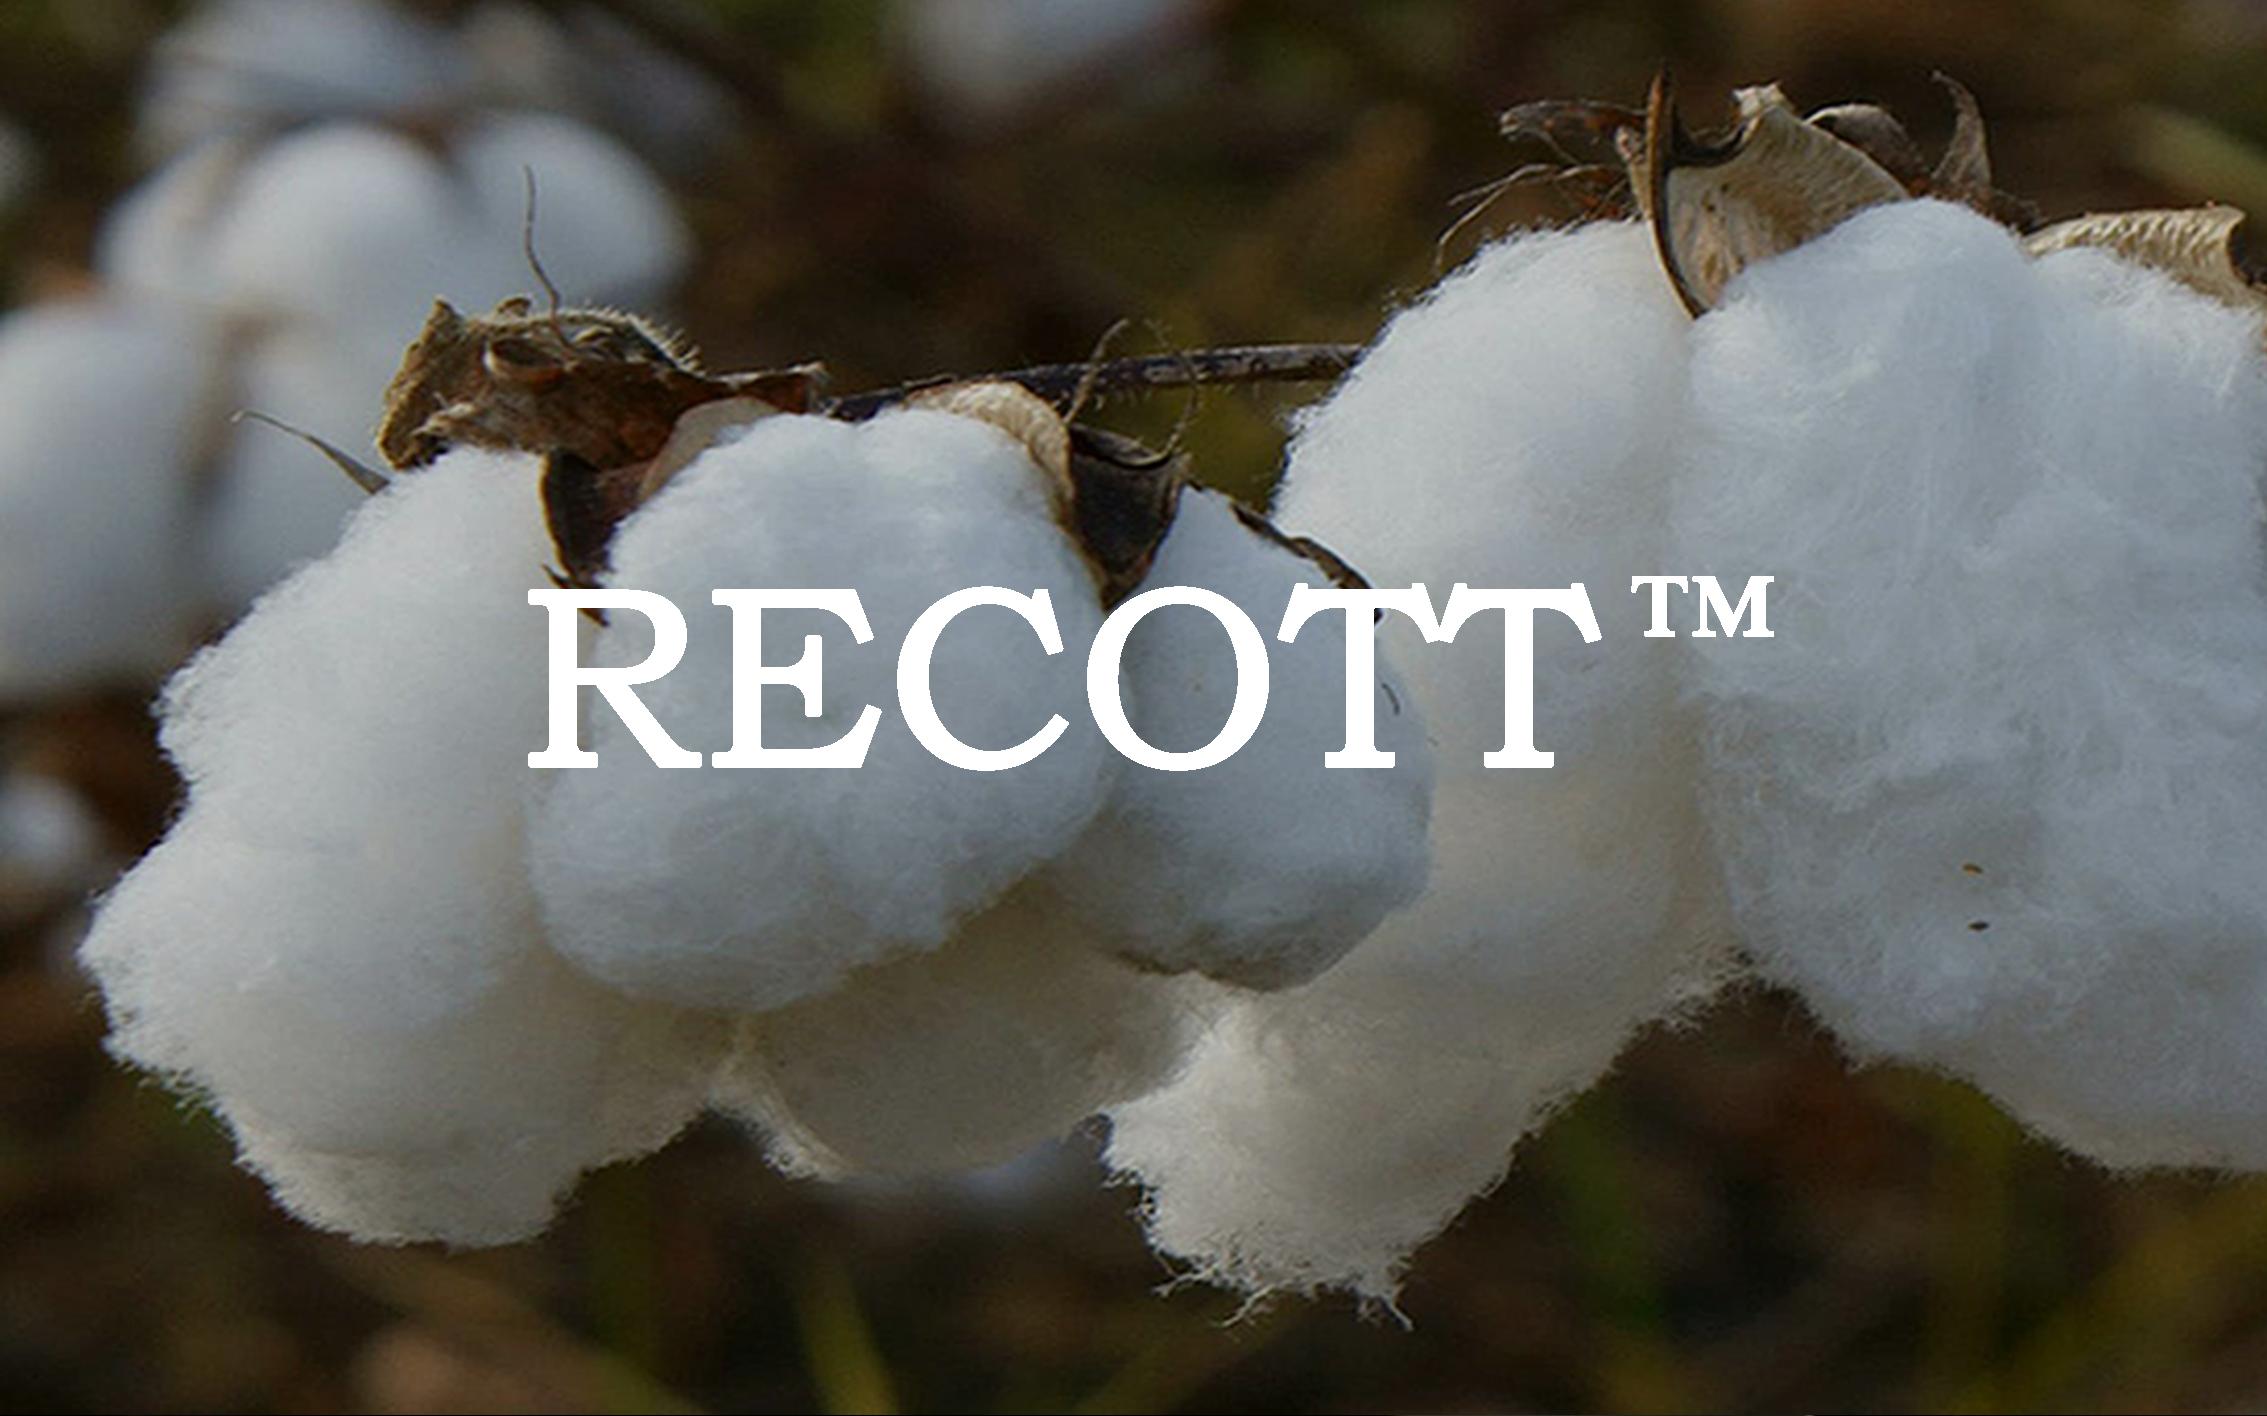 RECOTT